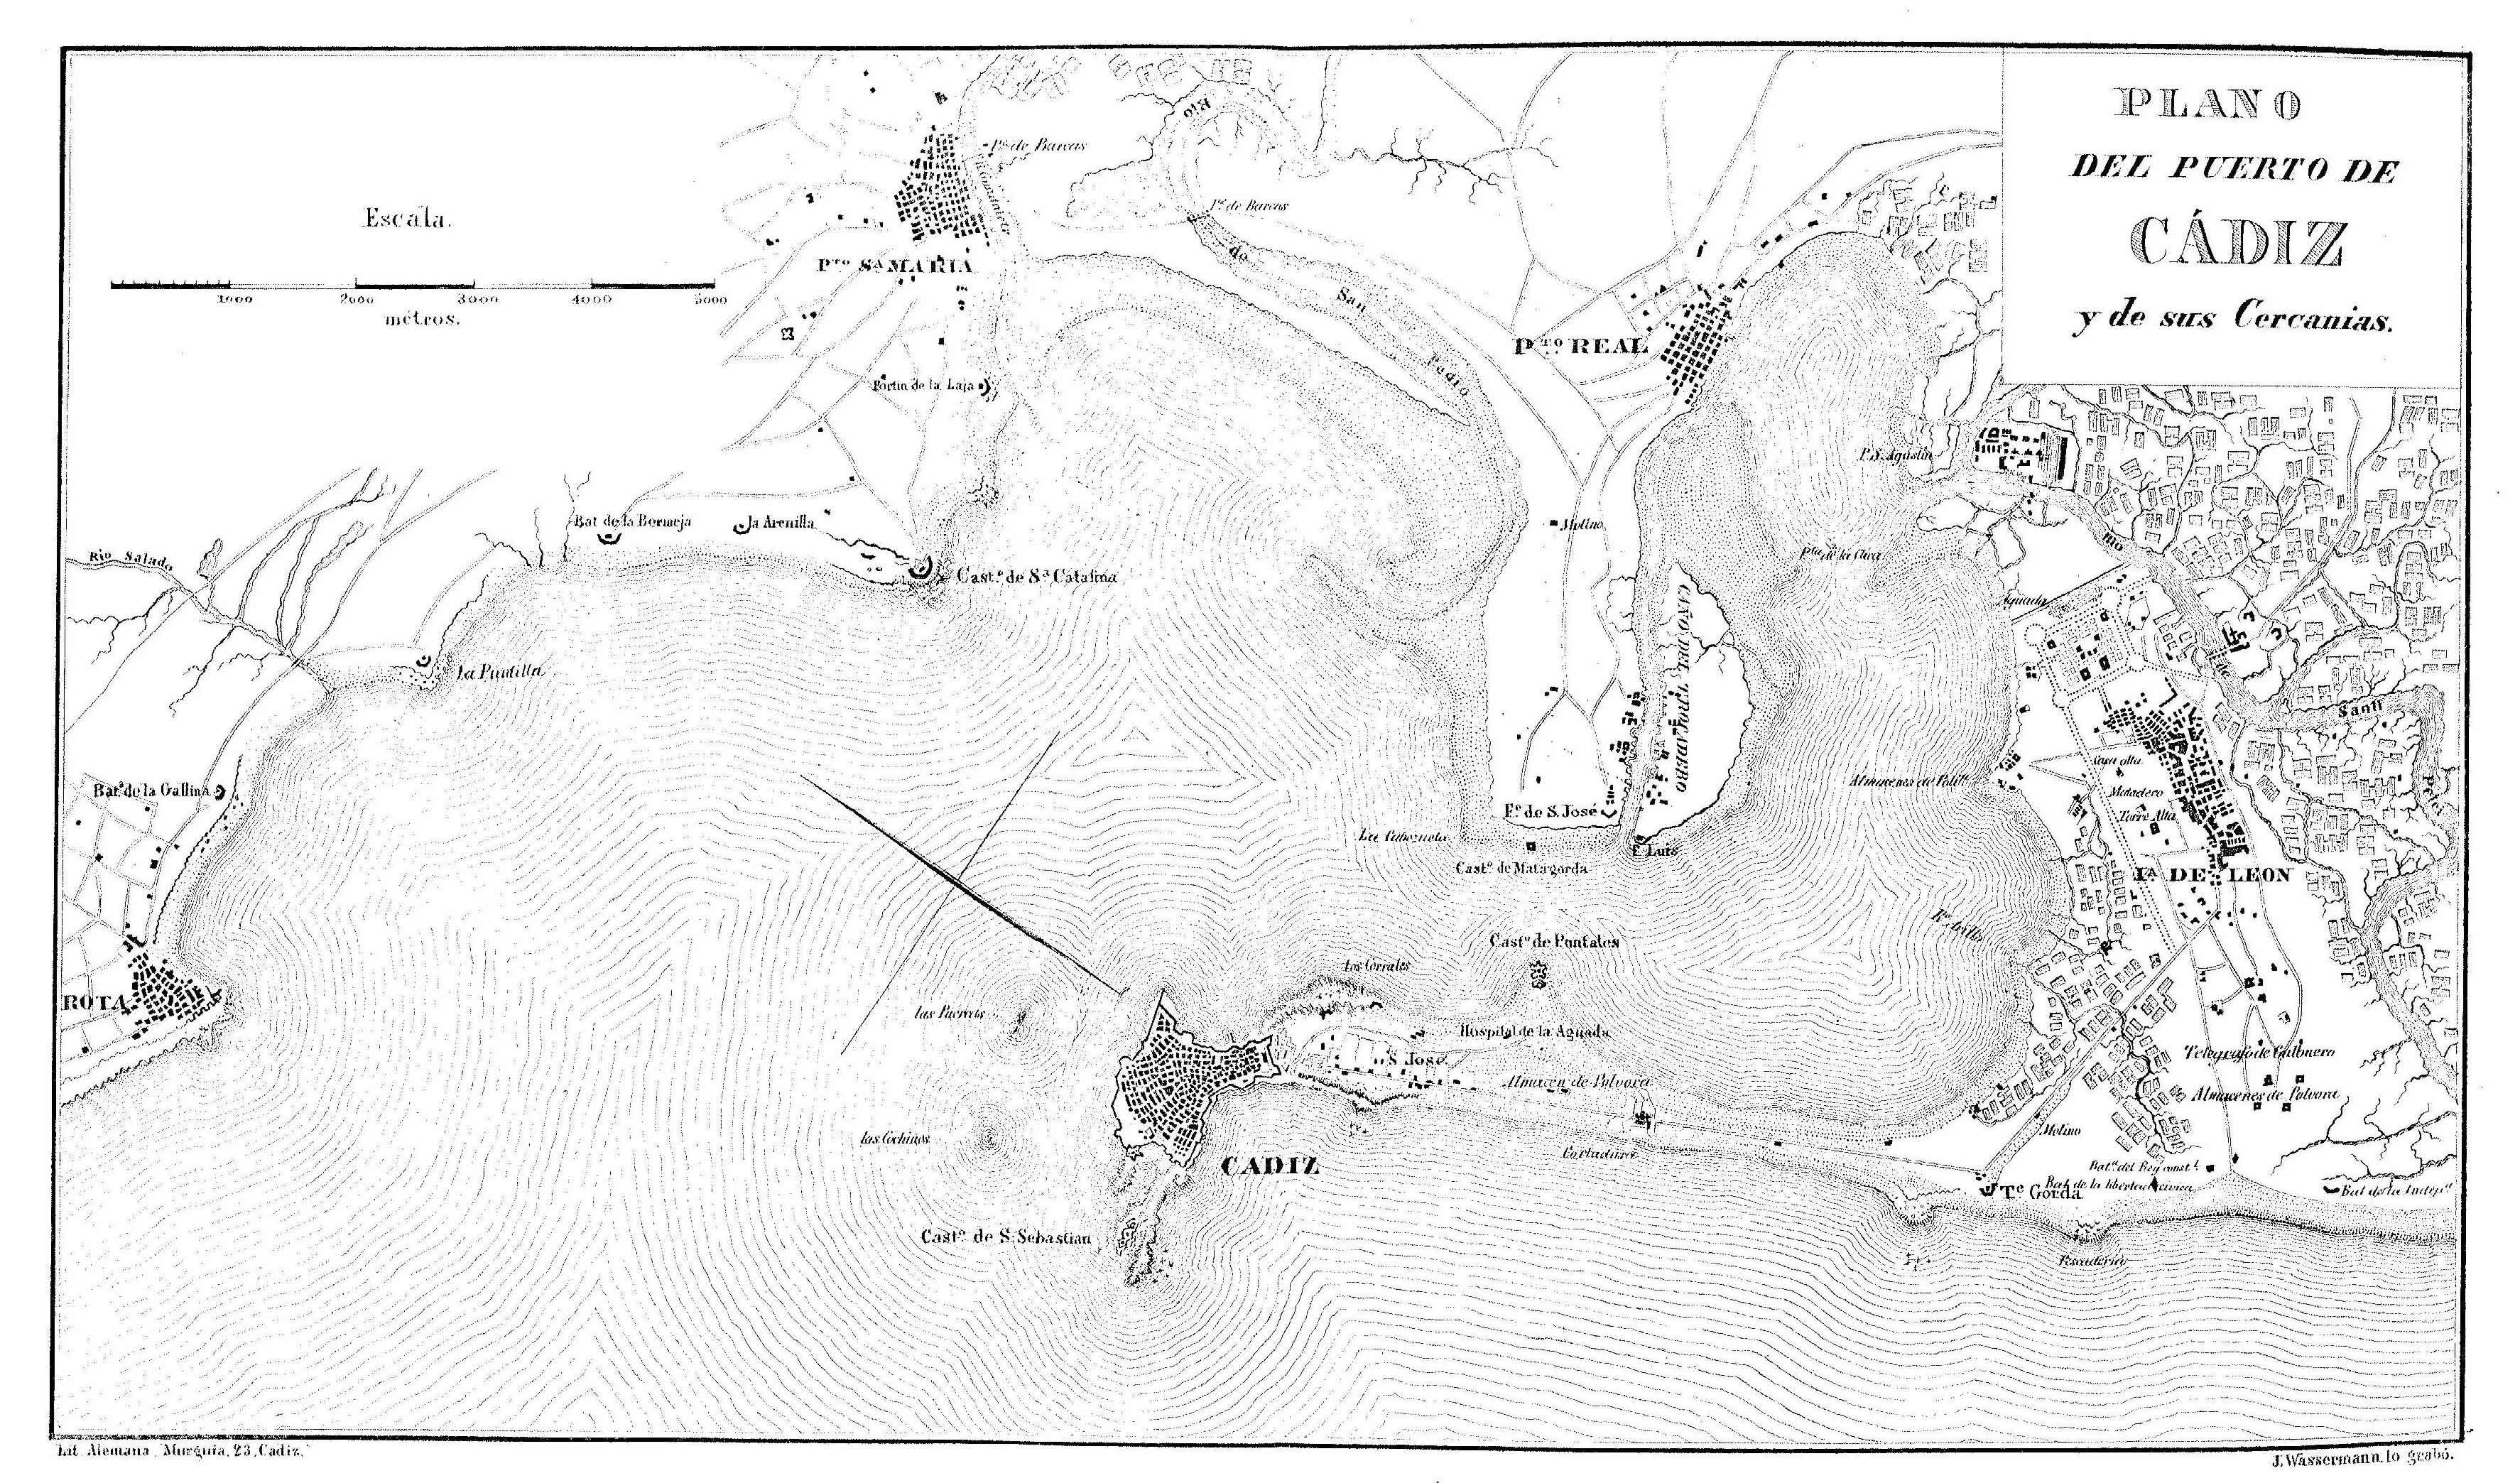 Port city of Cadiz in 1812